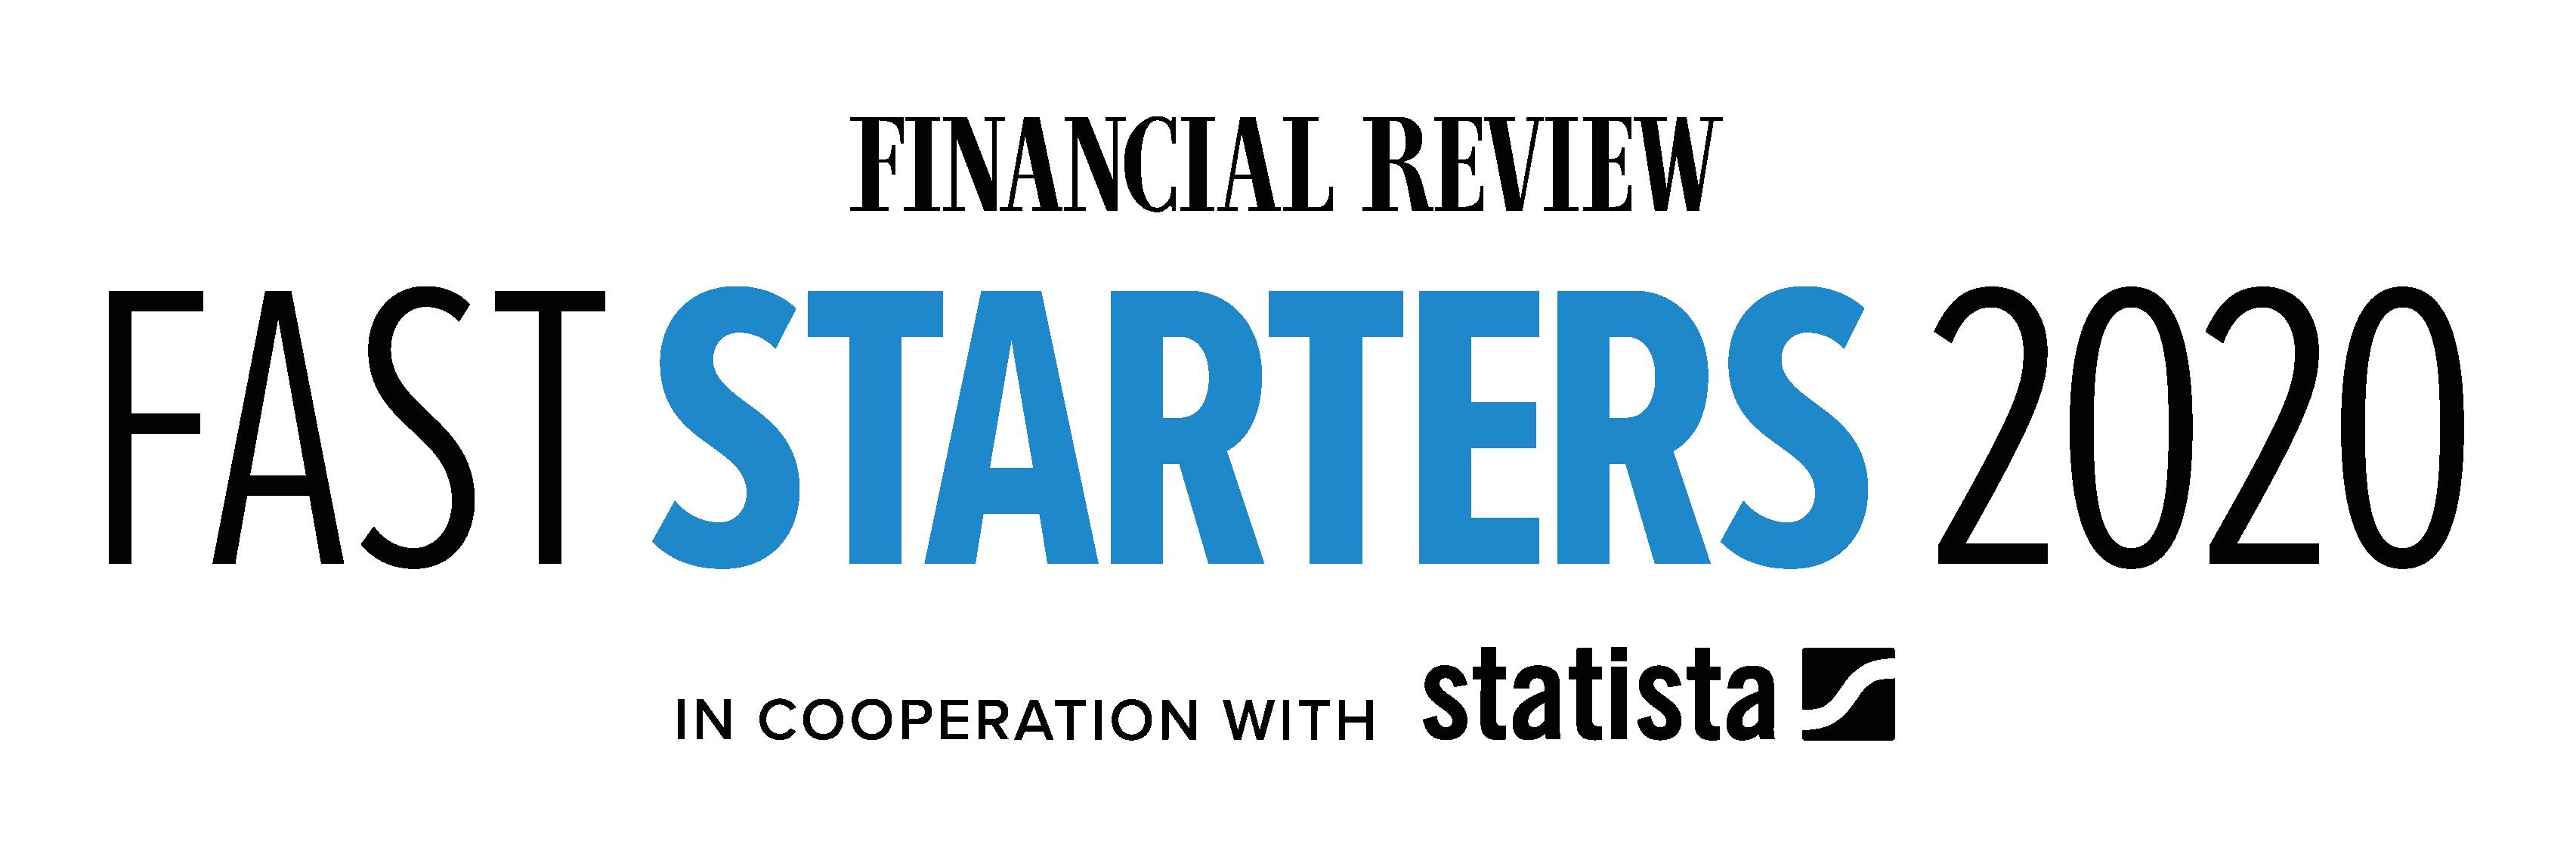 AFR Fast Starters 2020